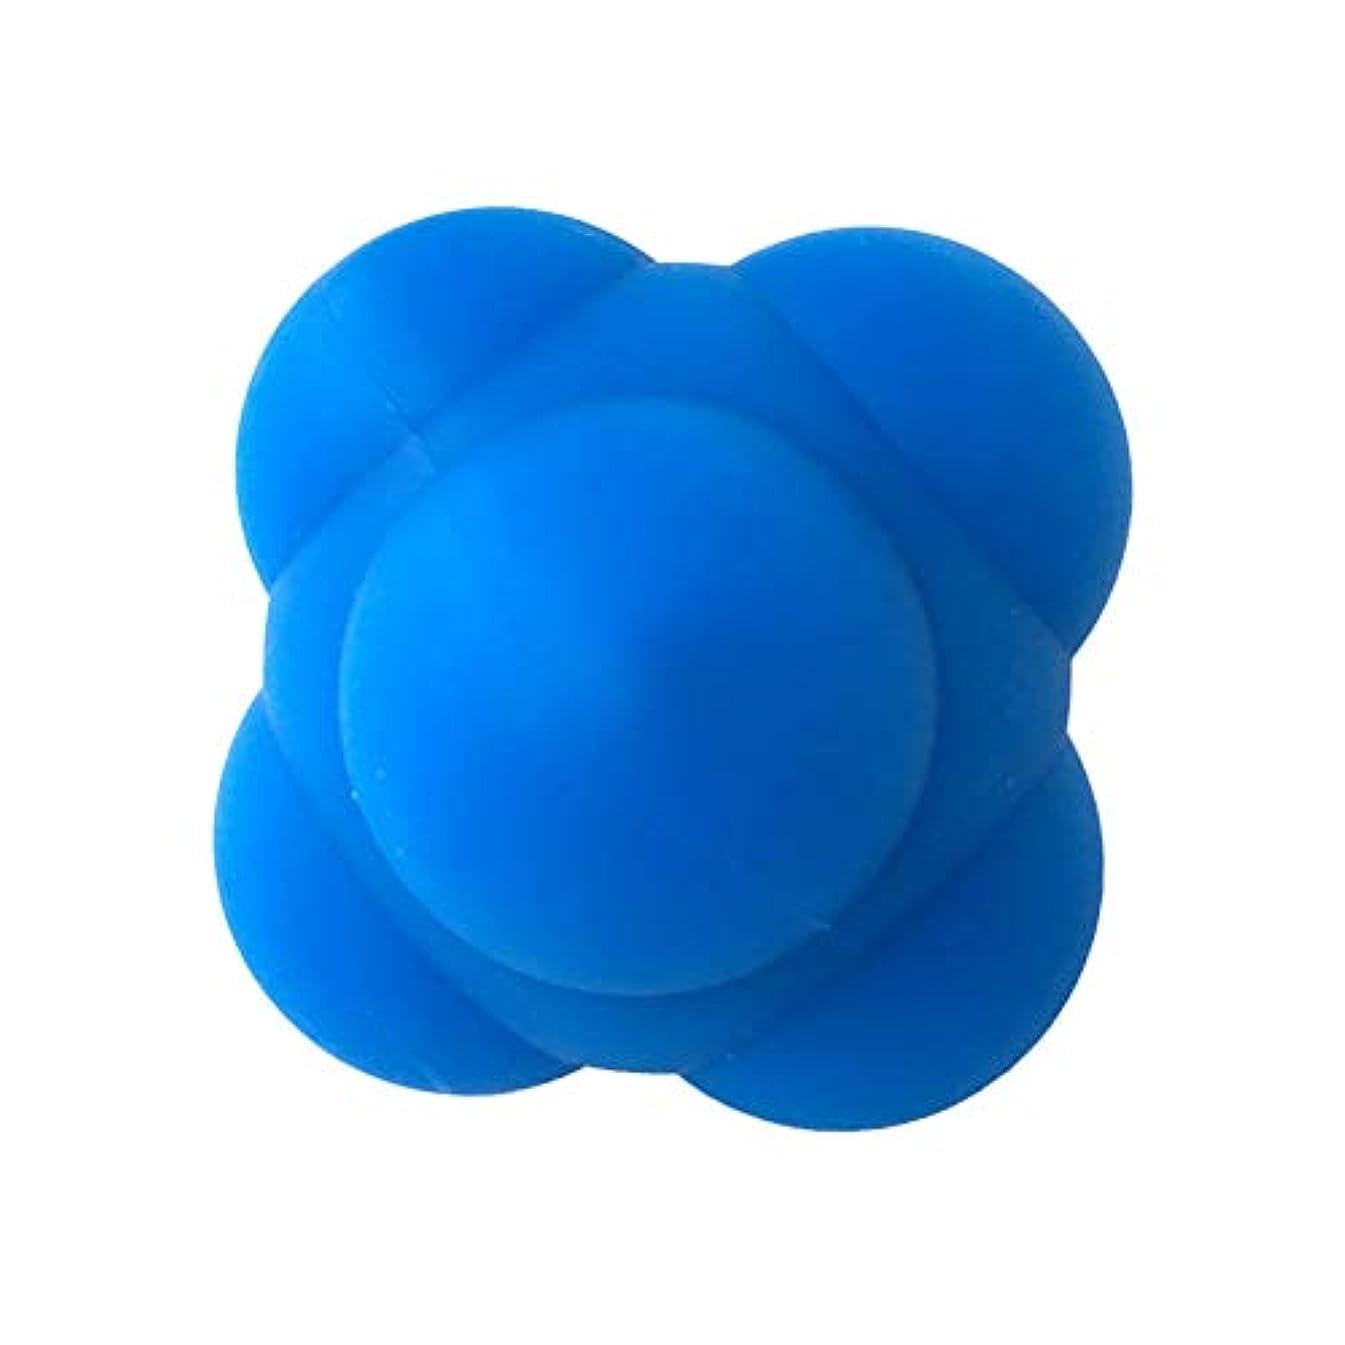 予定パテ唯物論Healifty 敏捷性とスピードのためのリアクションボールハンドアイコーディネーションブルー